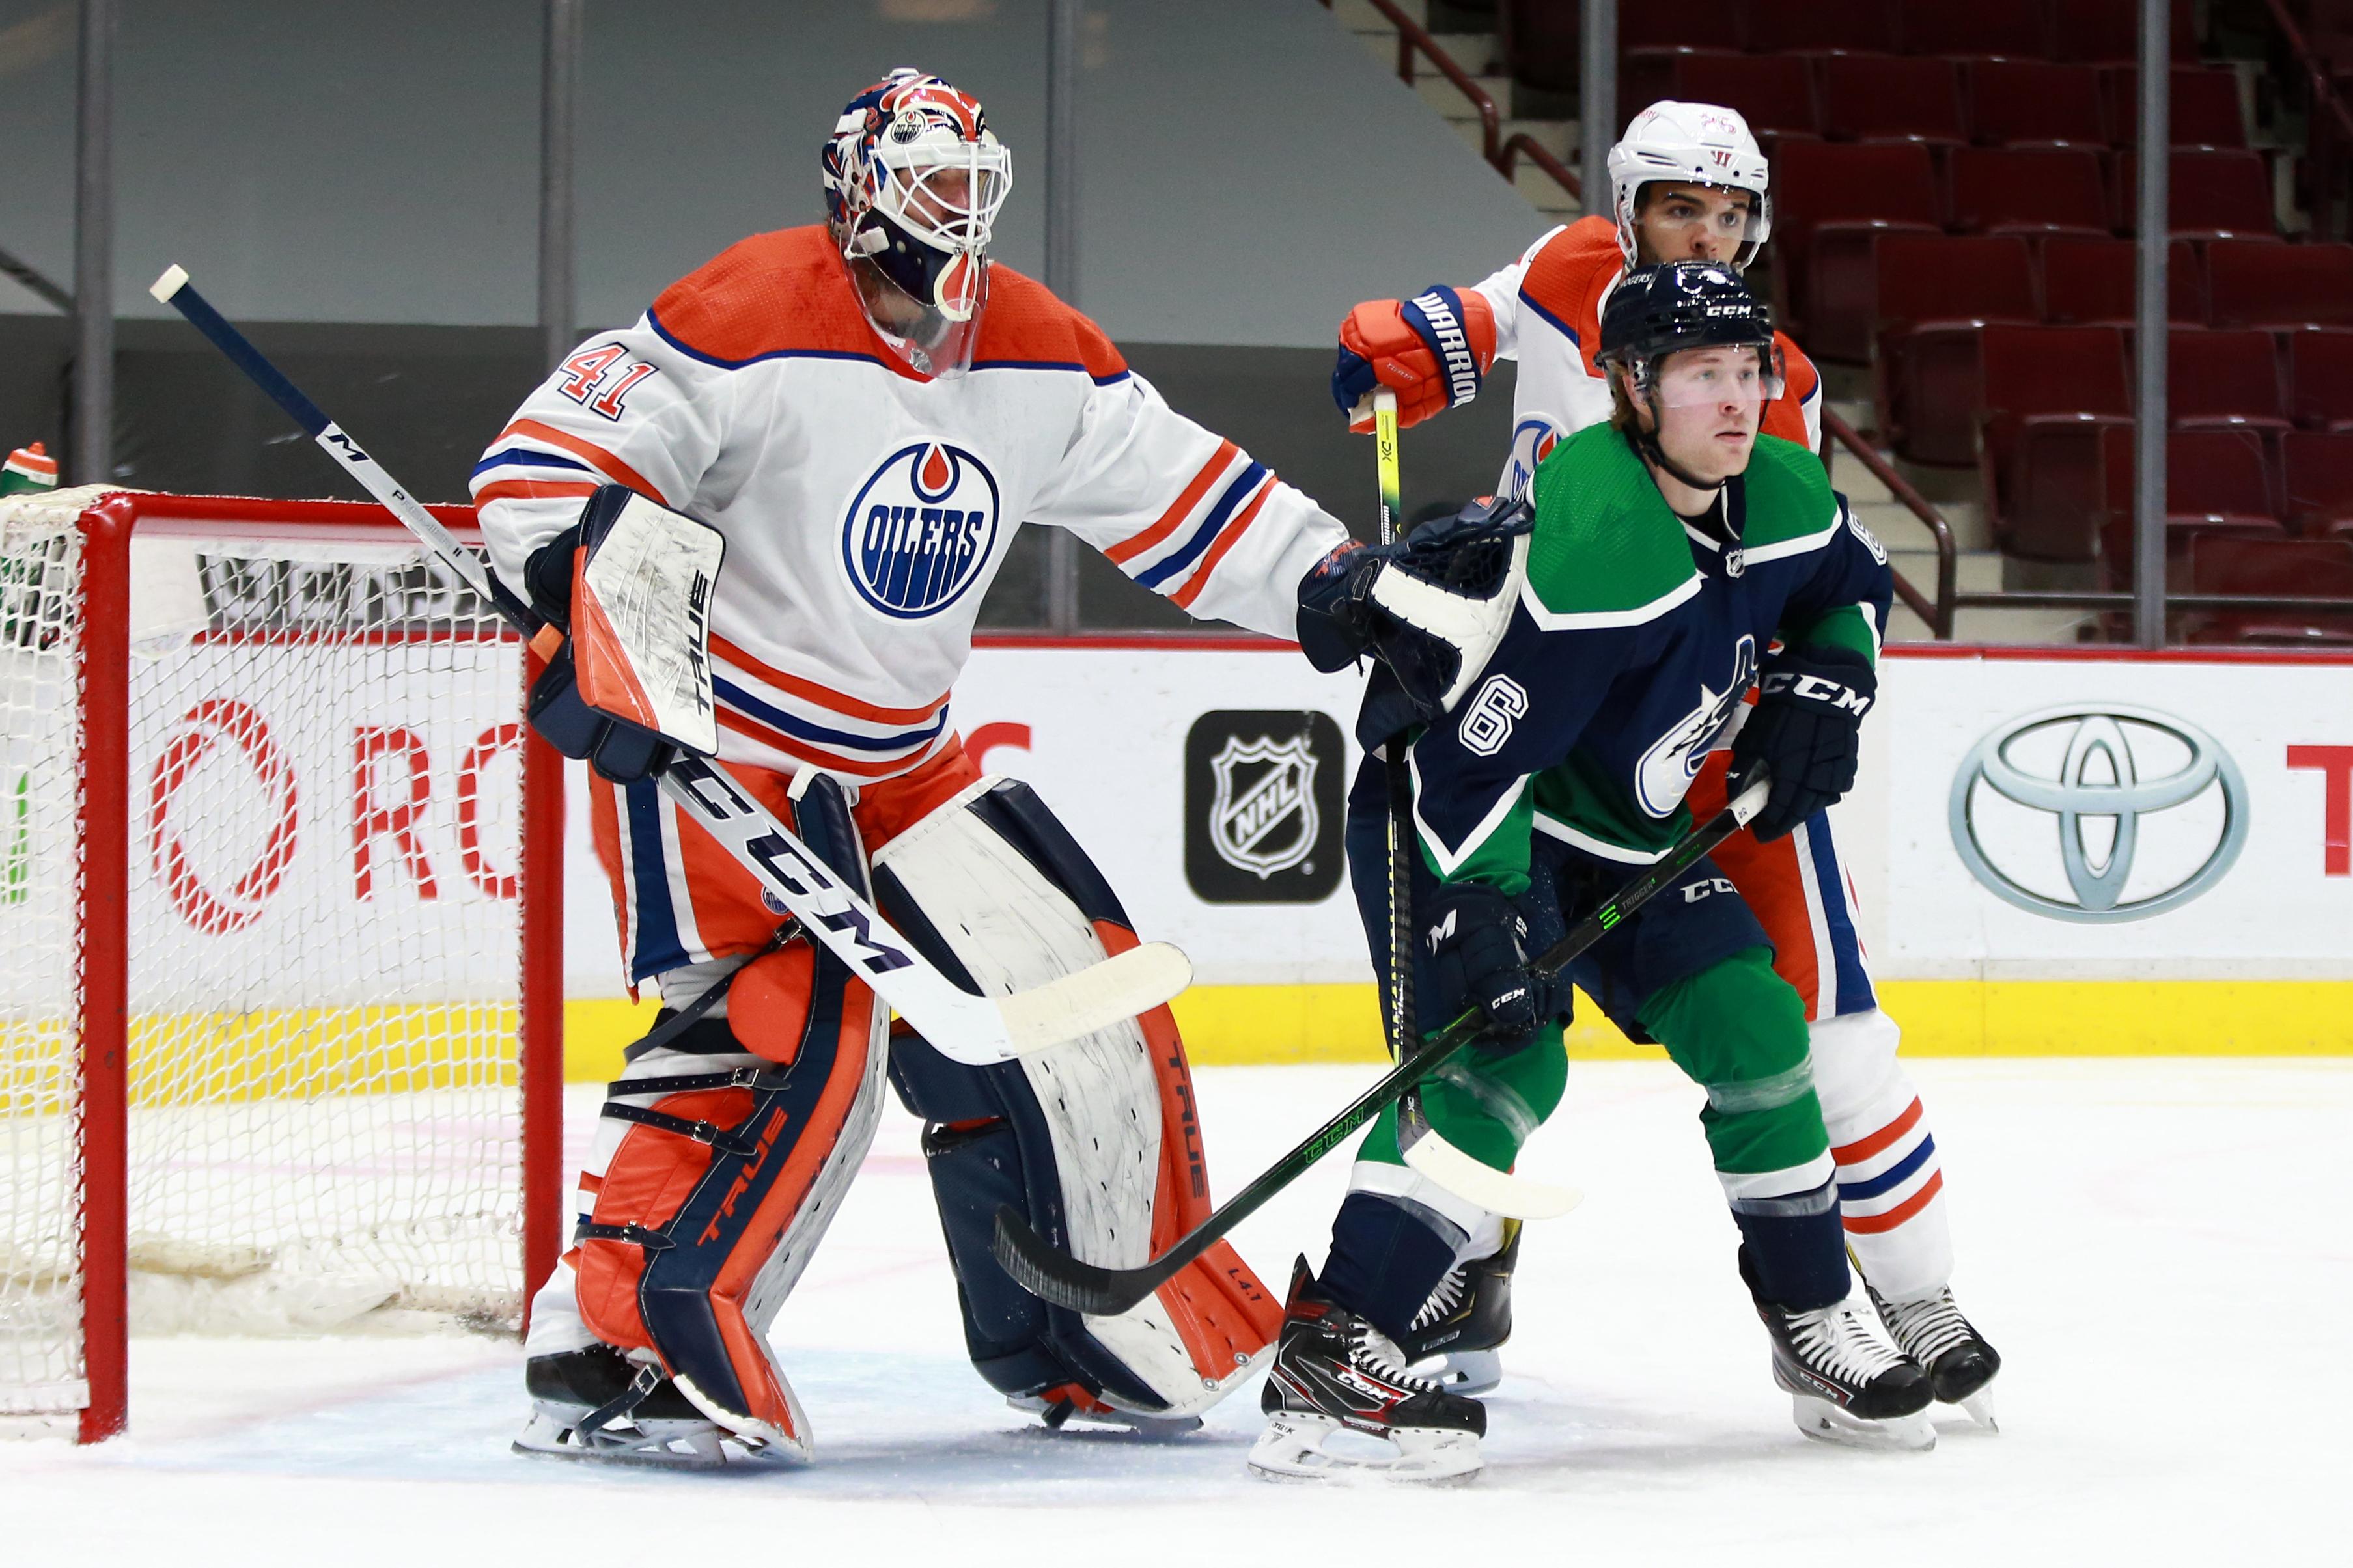 NHL: FEB 23 Oilers at Canucks